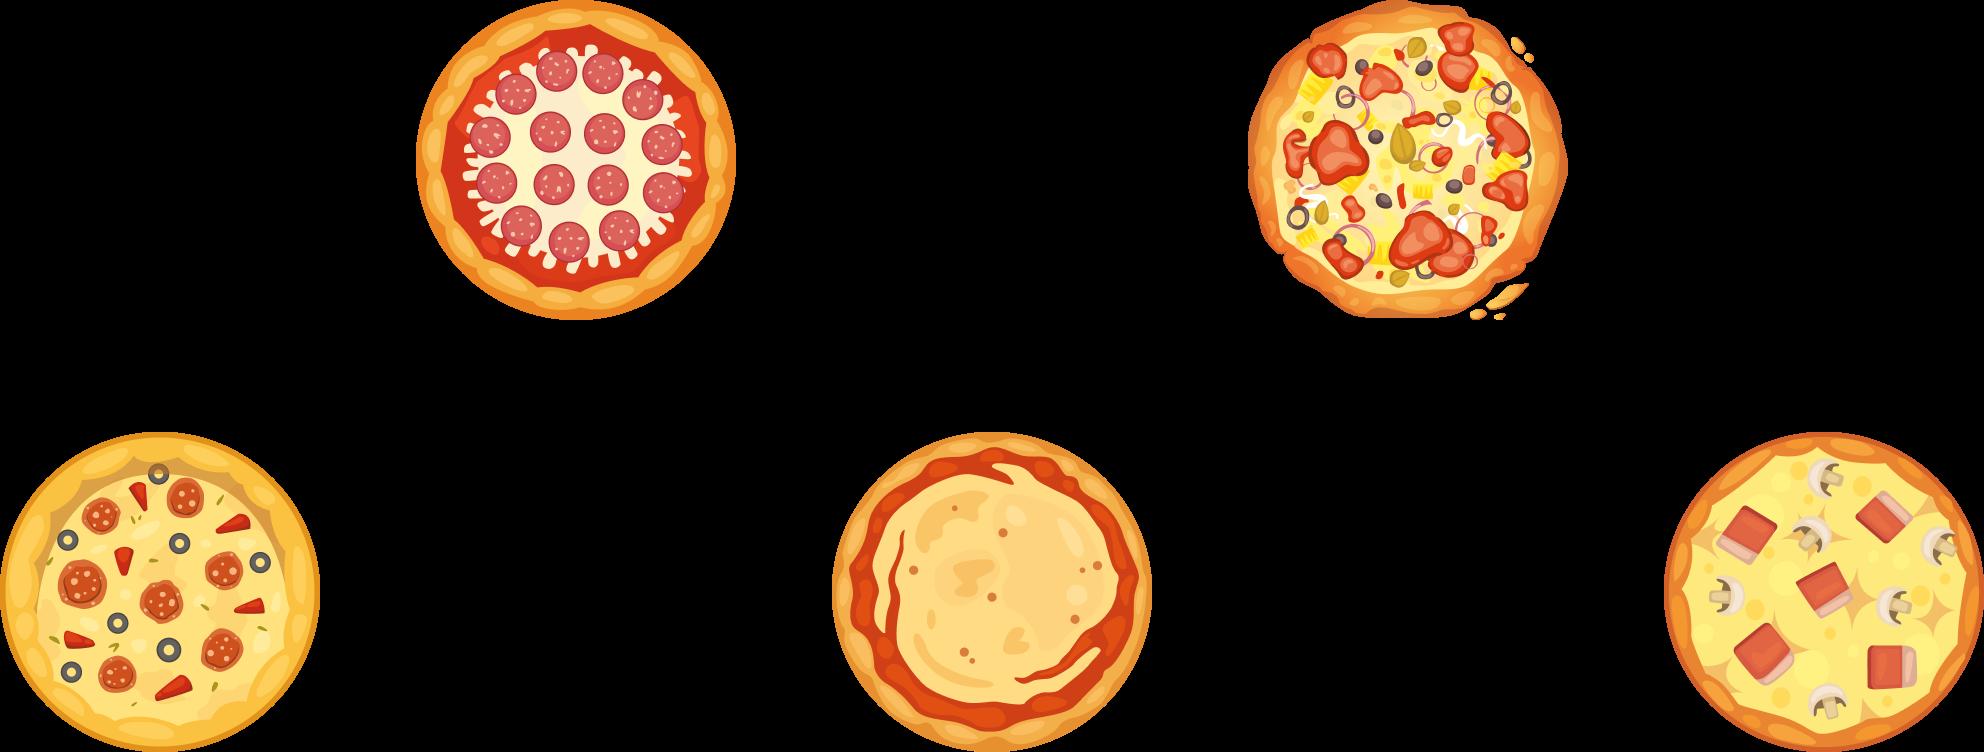 Our Selection - Pizza Bien